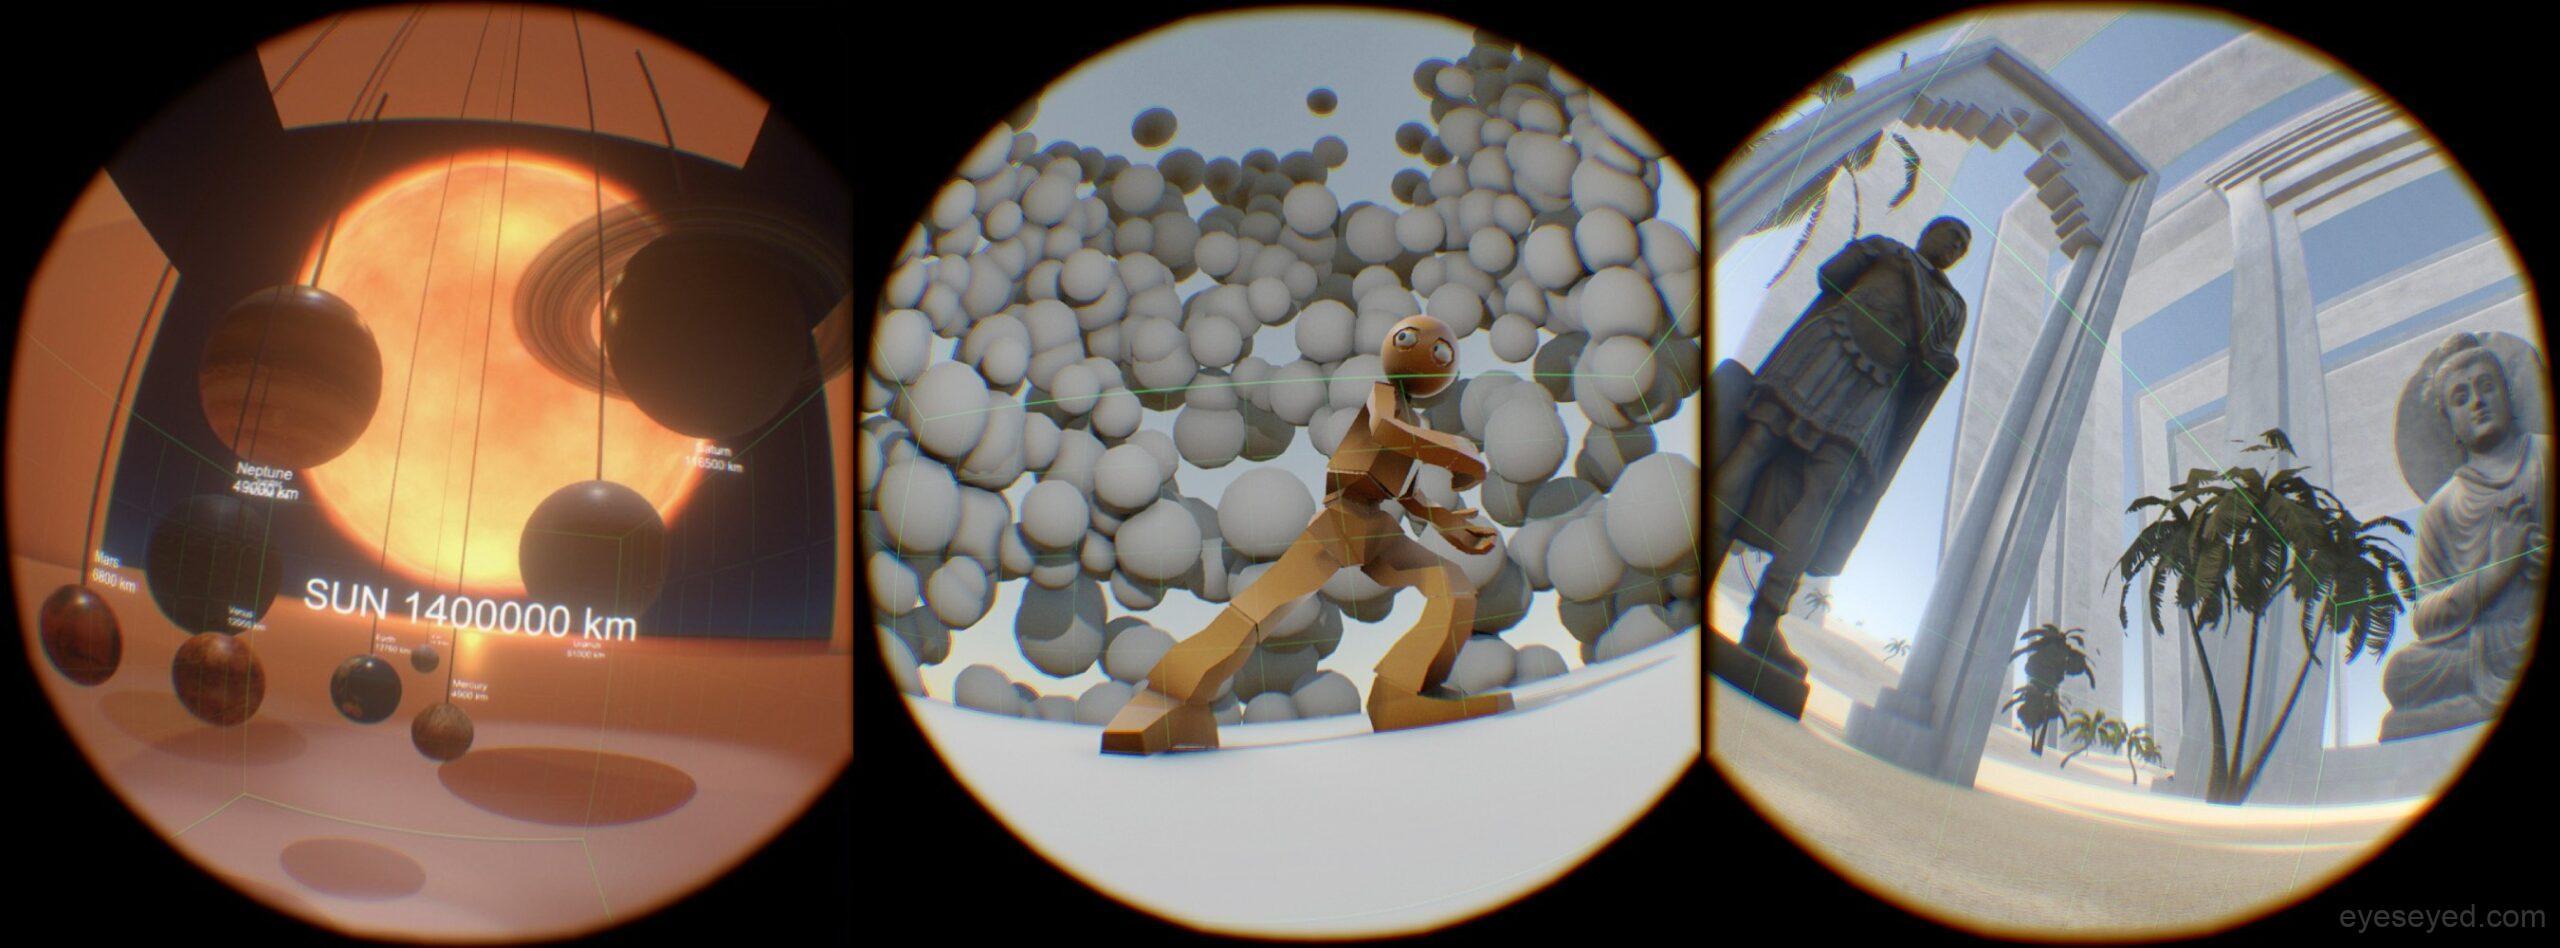 VR Experiments